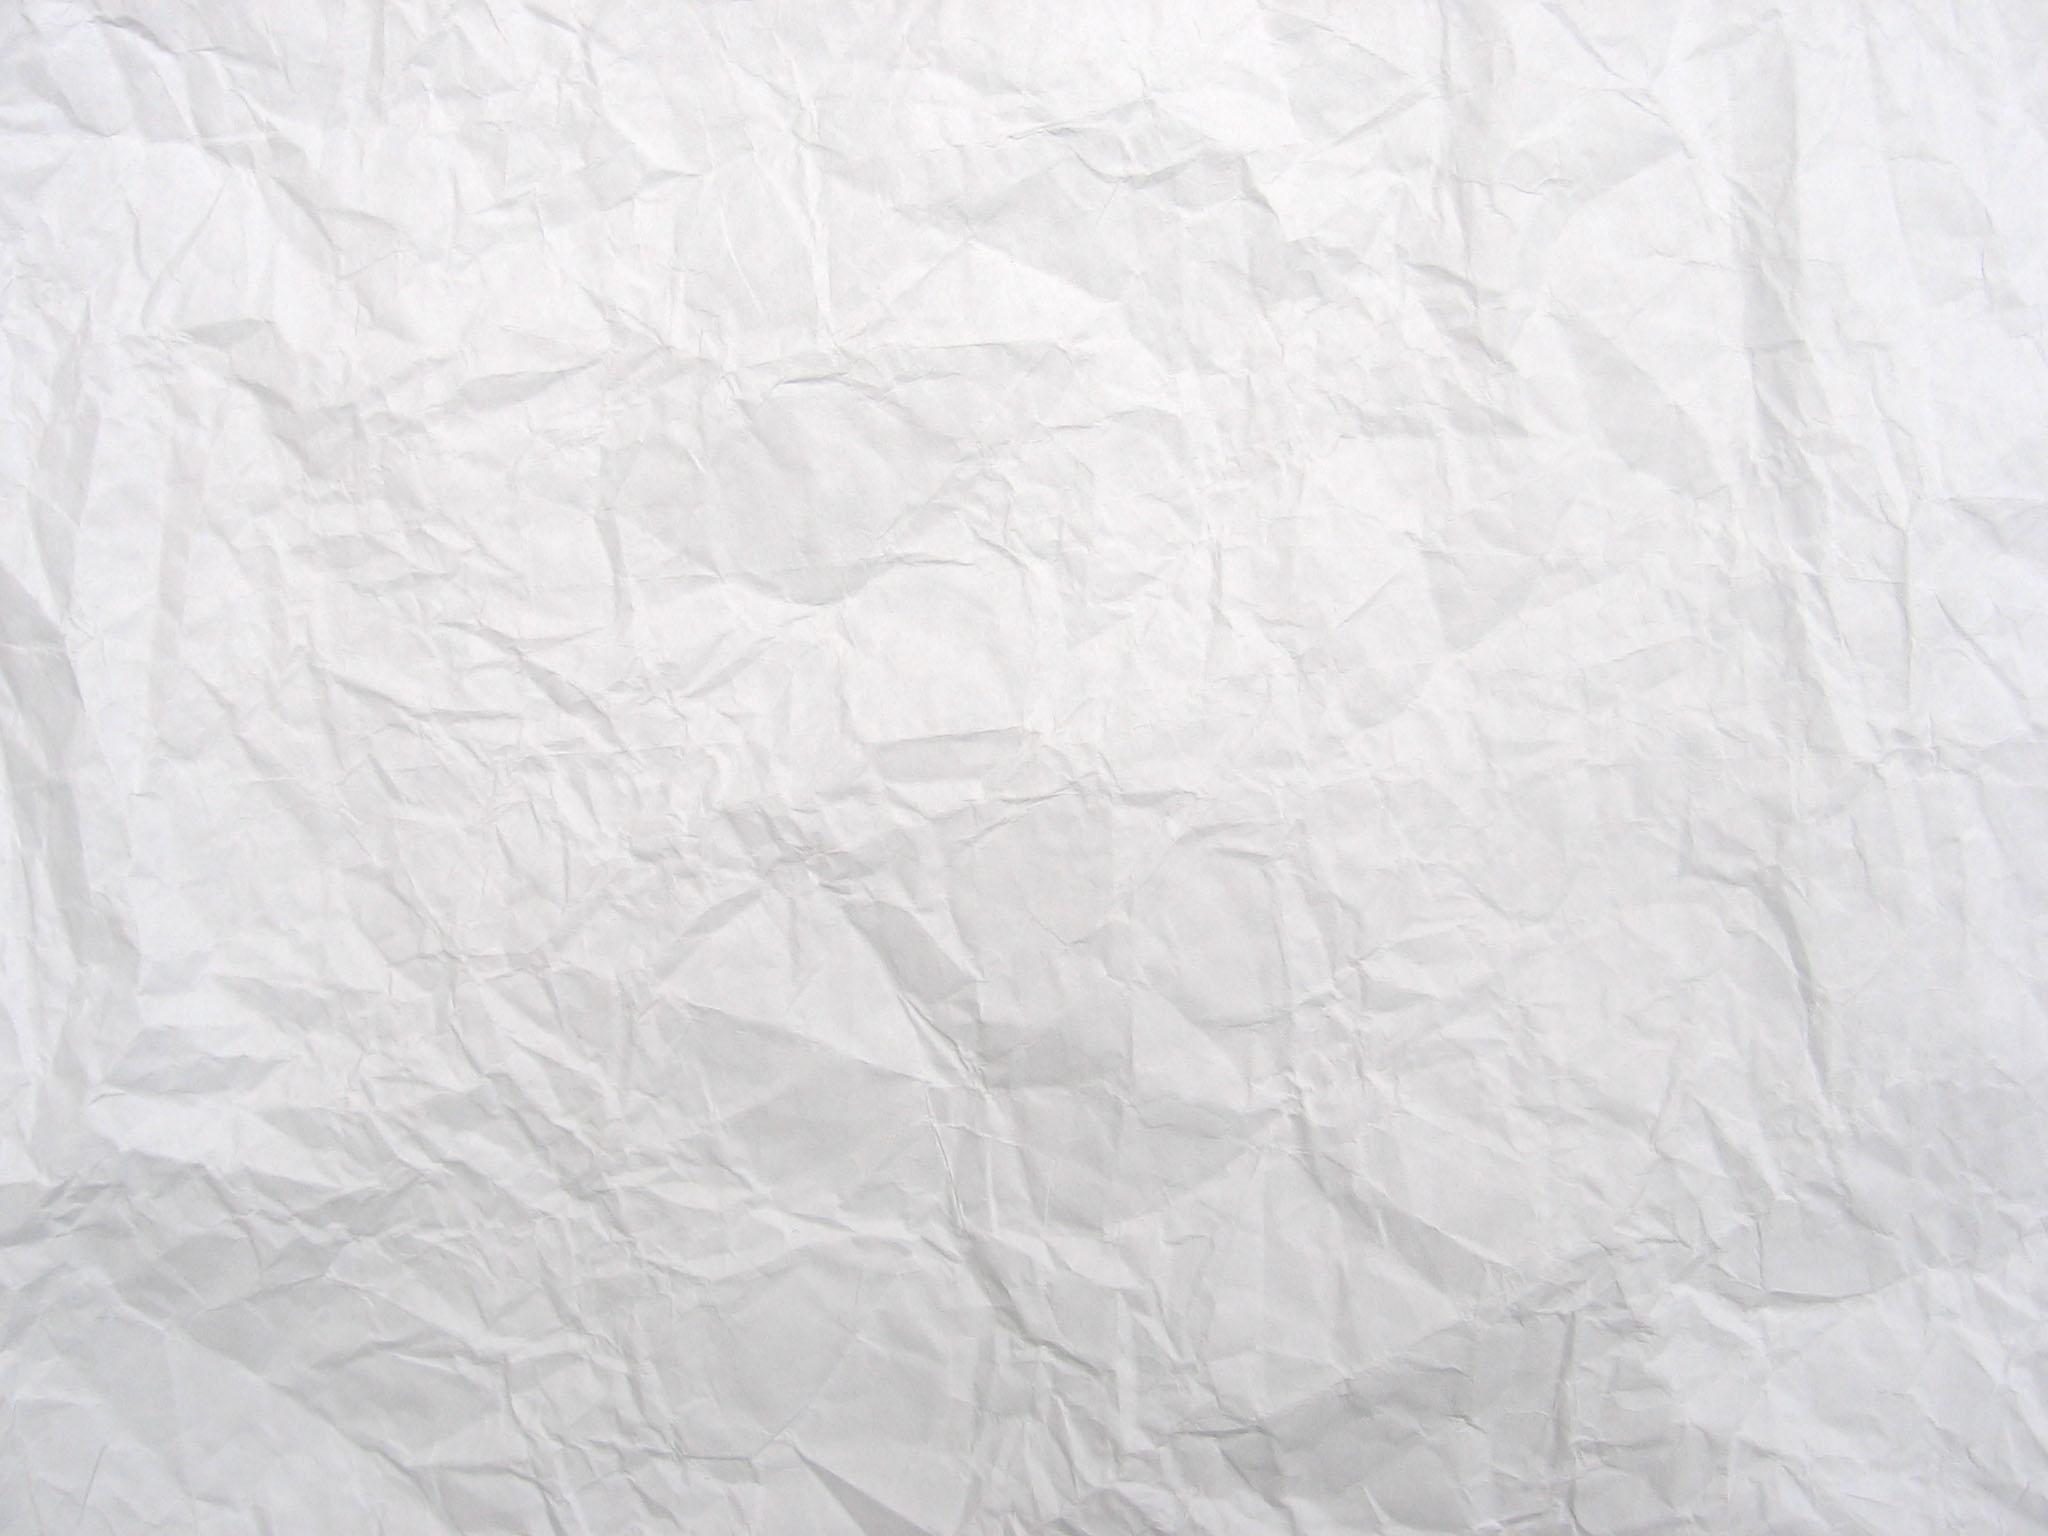 crumpled paper texture wallpaper 49223